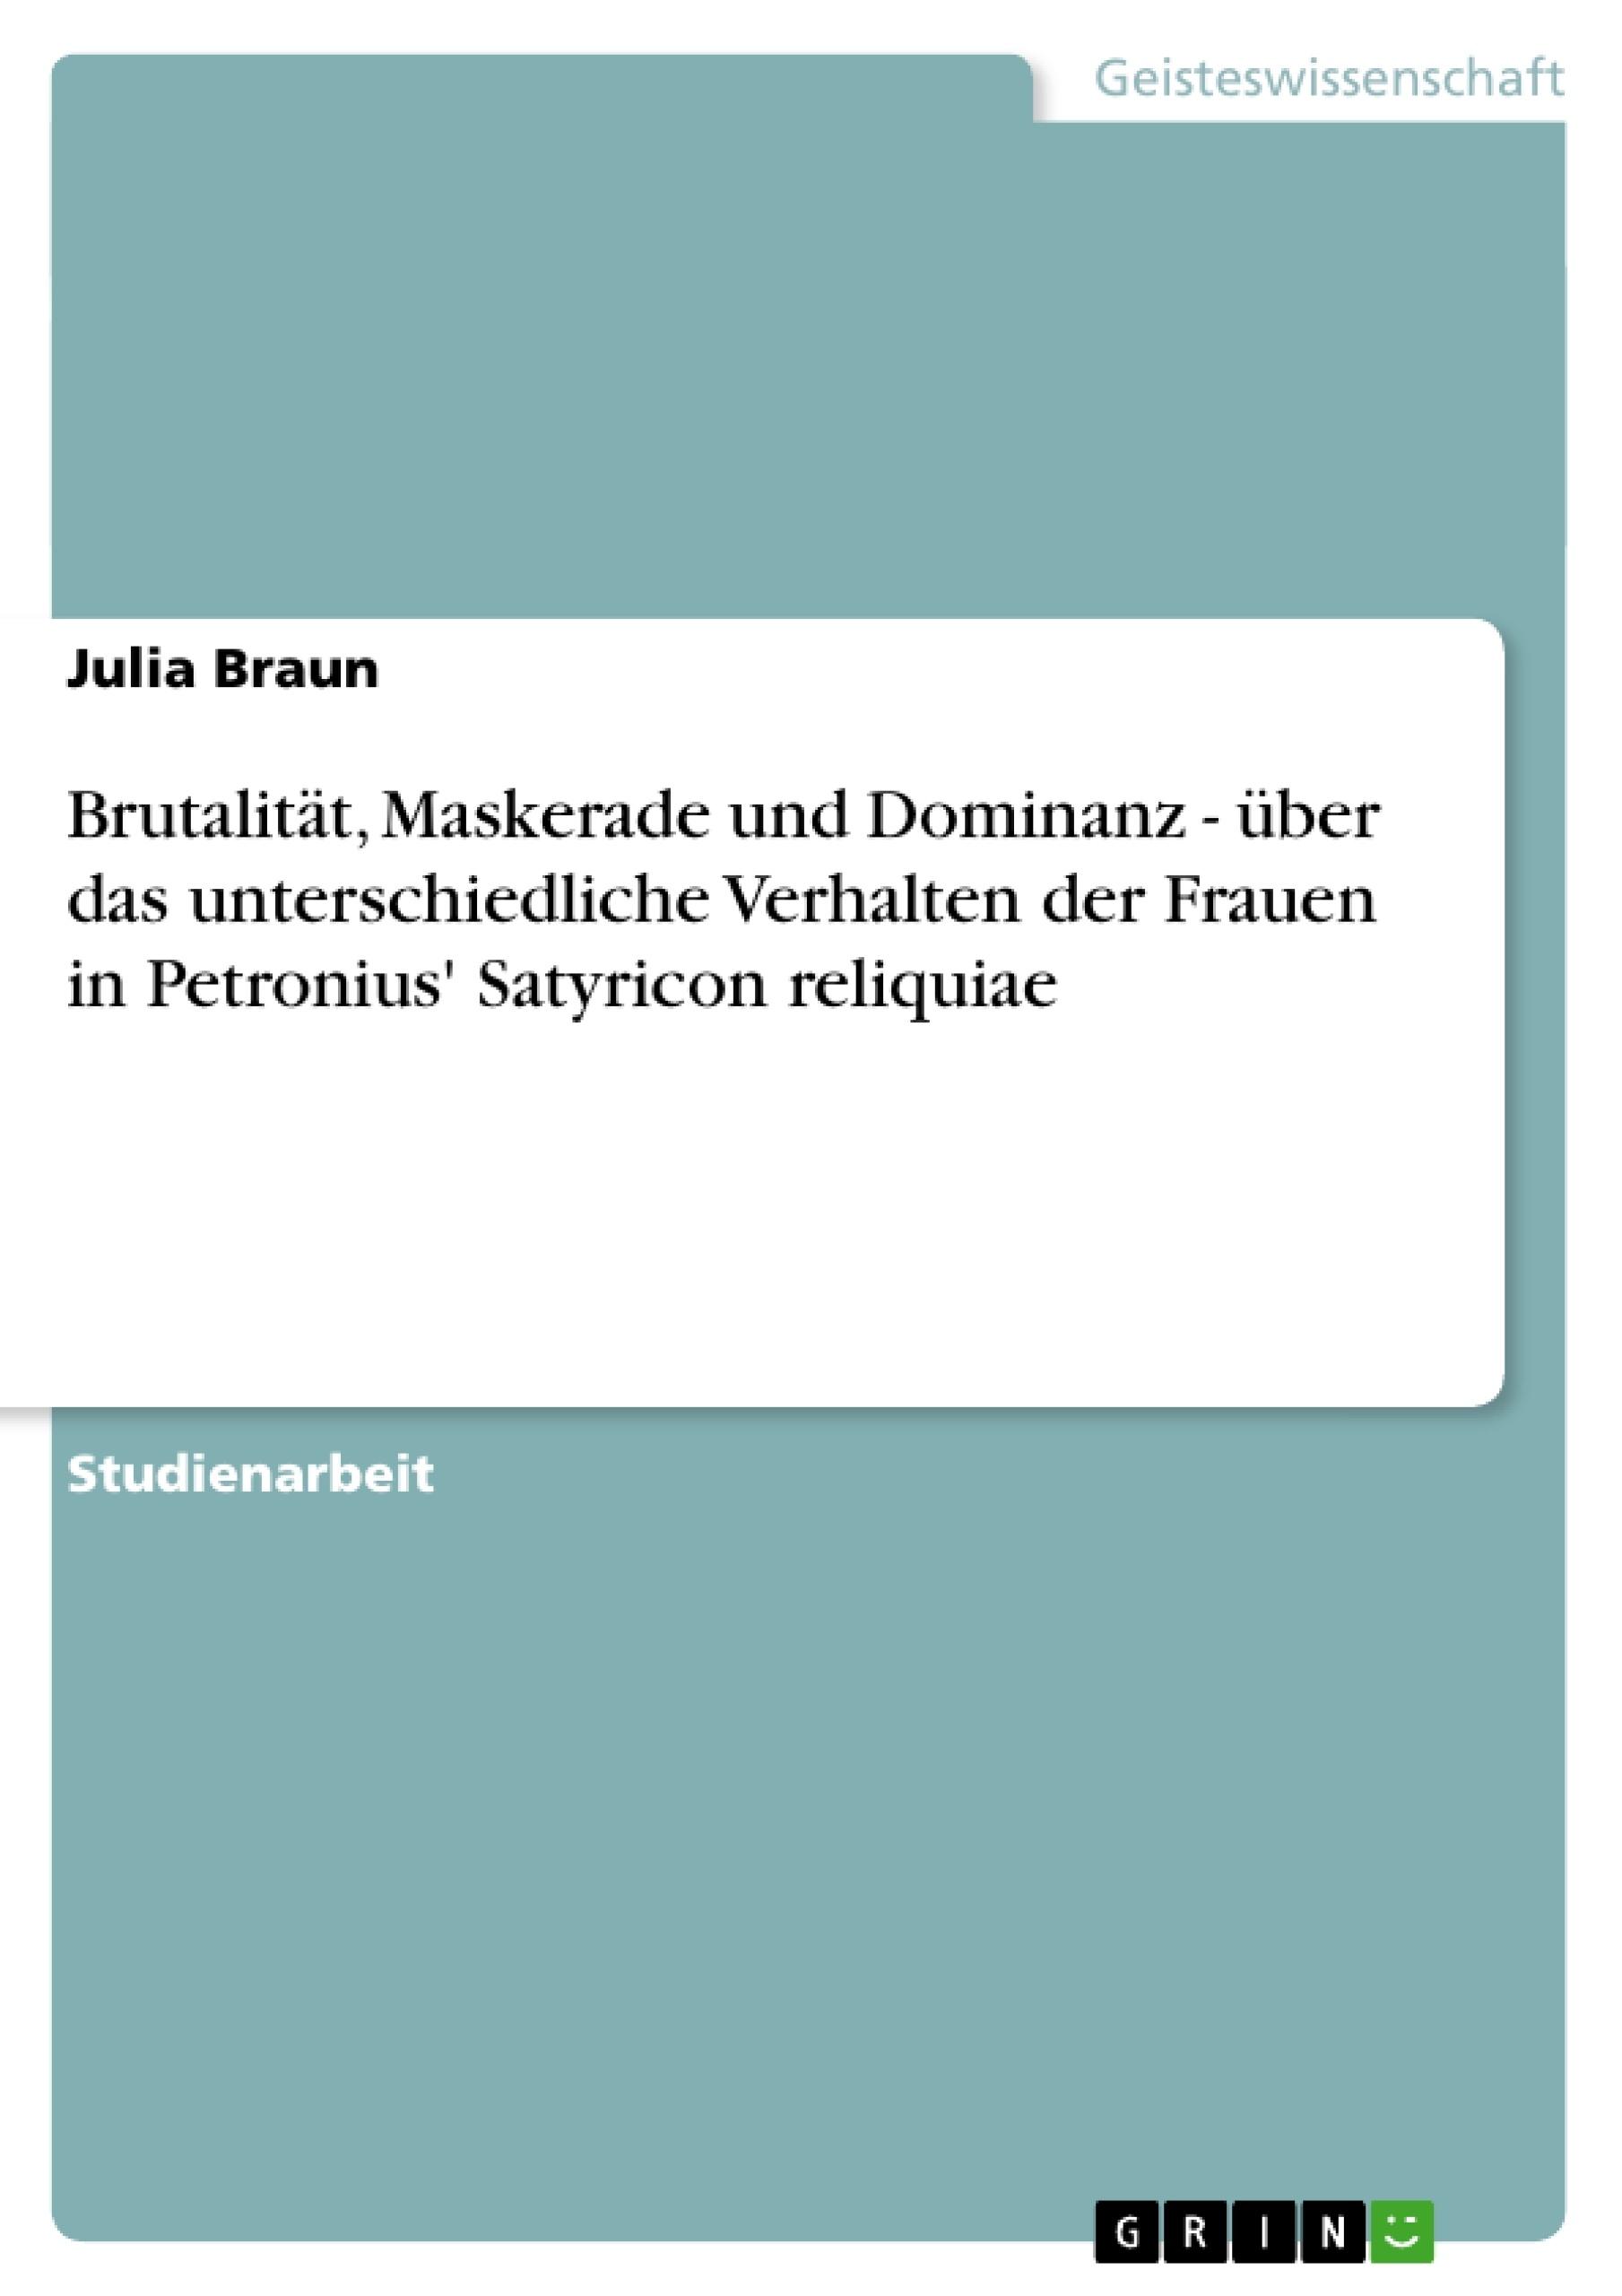 Titel: Brutalität, Maskerade und Dominanz - über das unterschiedliche Verhalten der Frauen in Petronius' Satyricon reliquiae